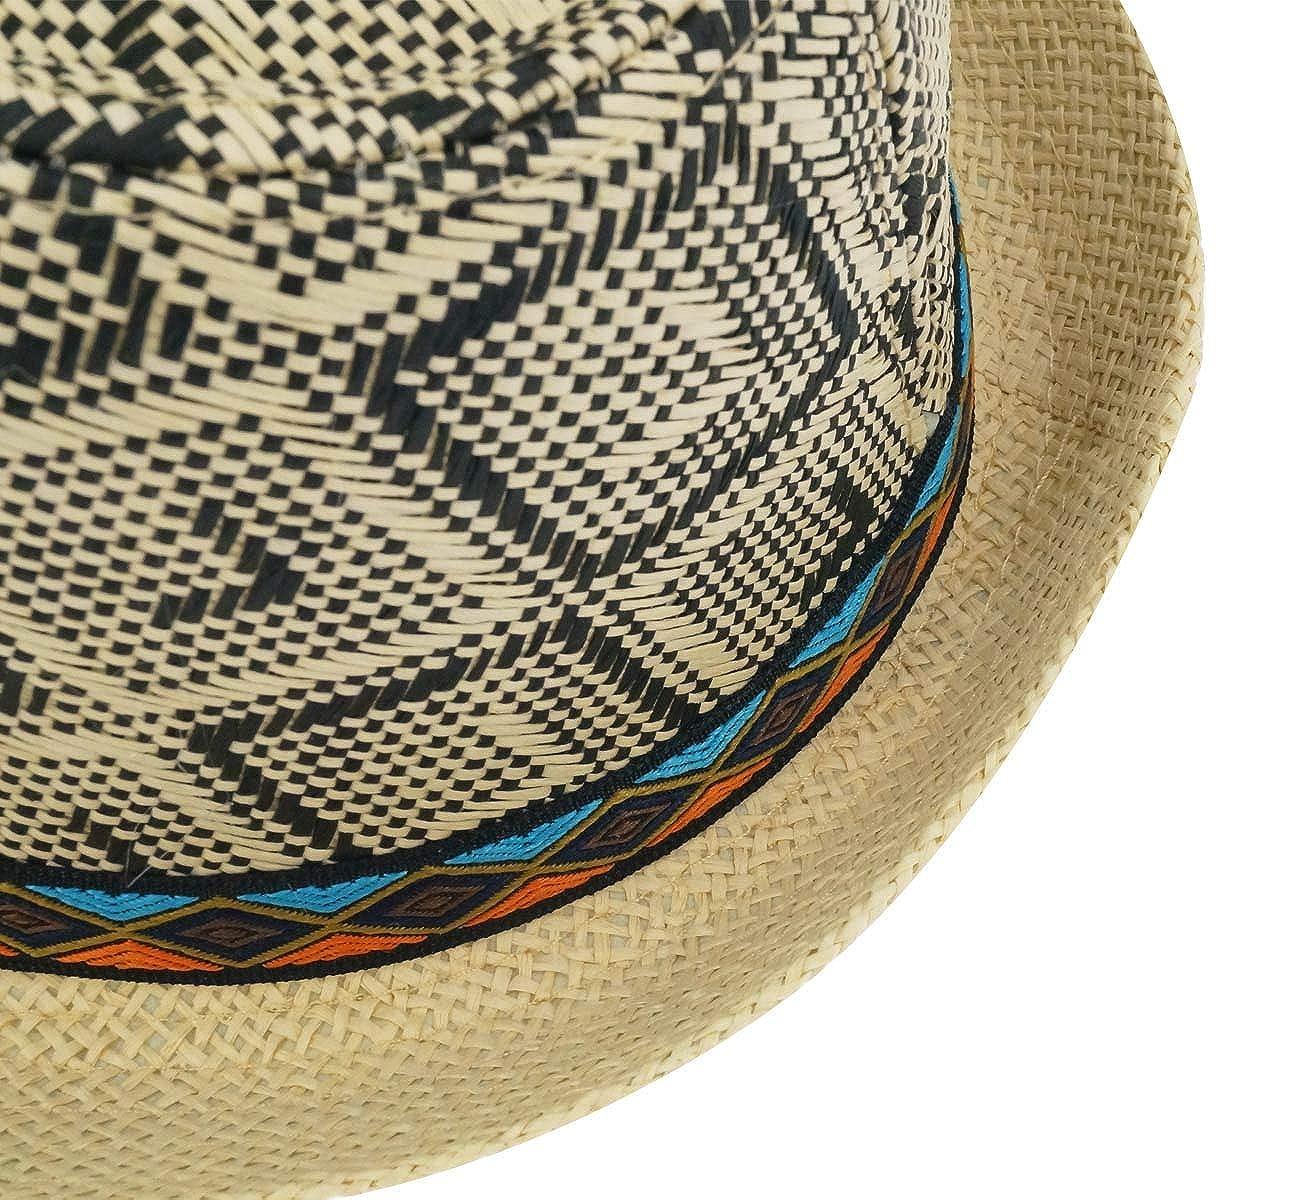 Aieoe Summer Mesh Straw Jazz Hat Short Brim Beach Sunhat Packable Panama Cap